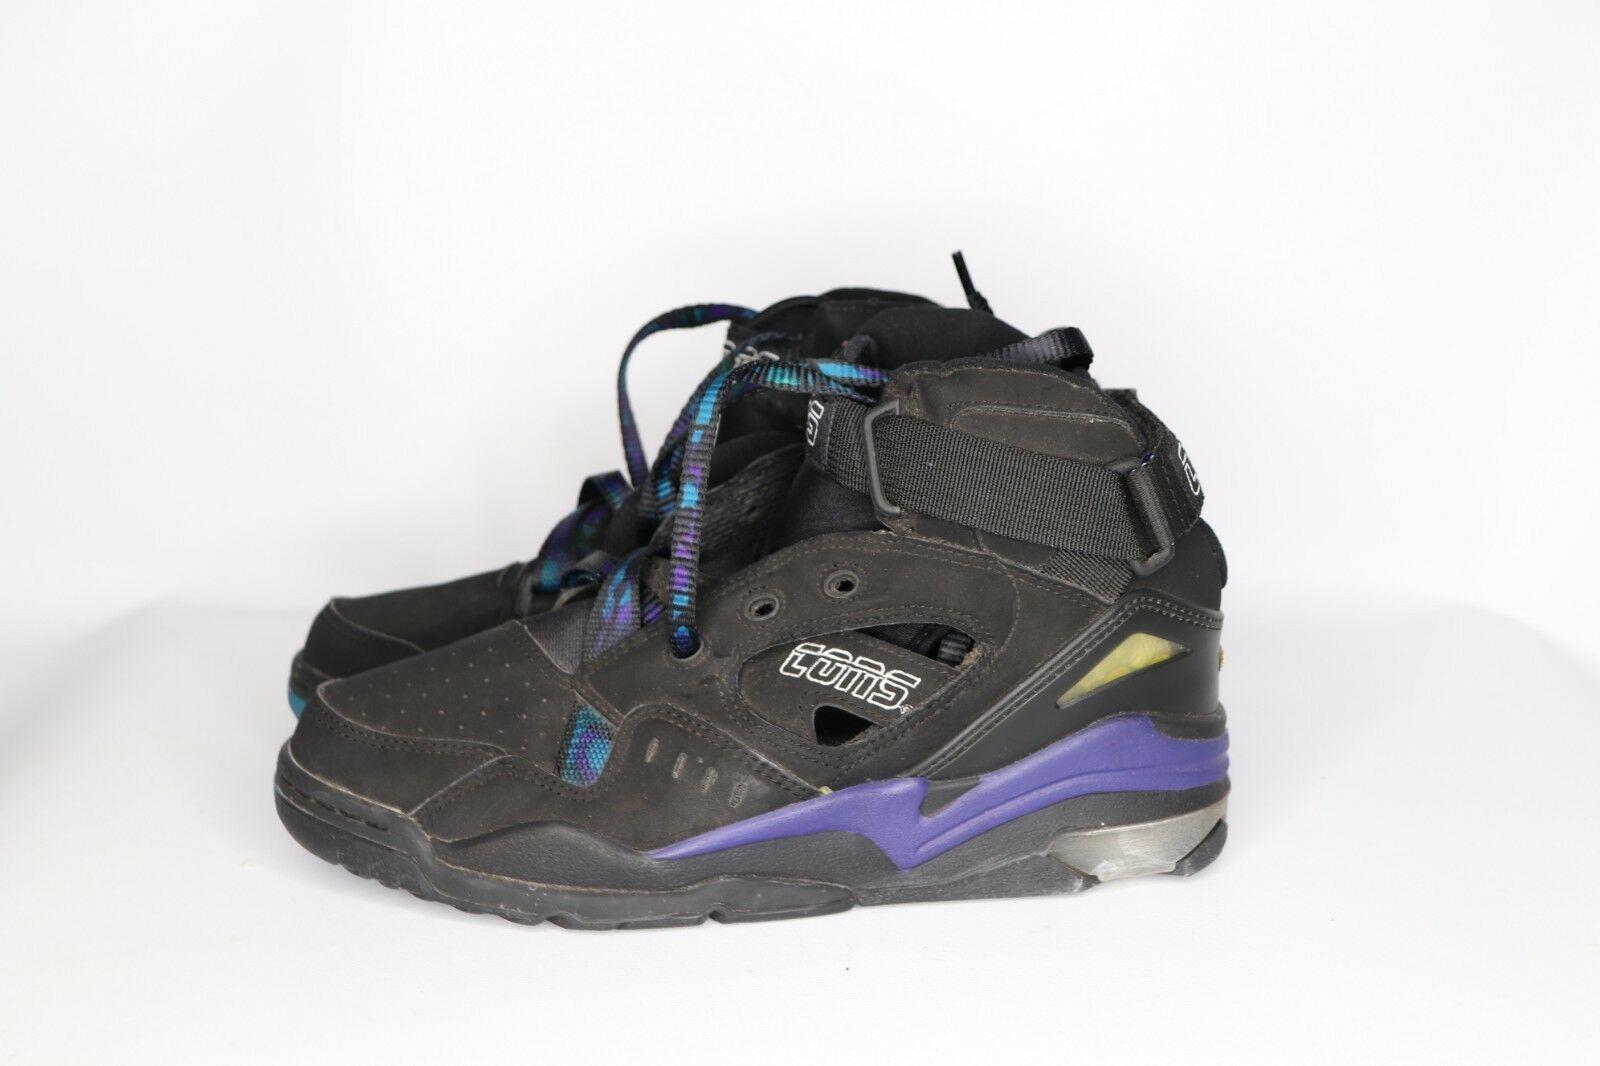 Vintage 90s Neu Converse Back Jam Larry Johnson Grandmama Schuhe Größe 8,5